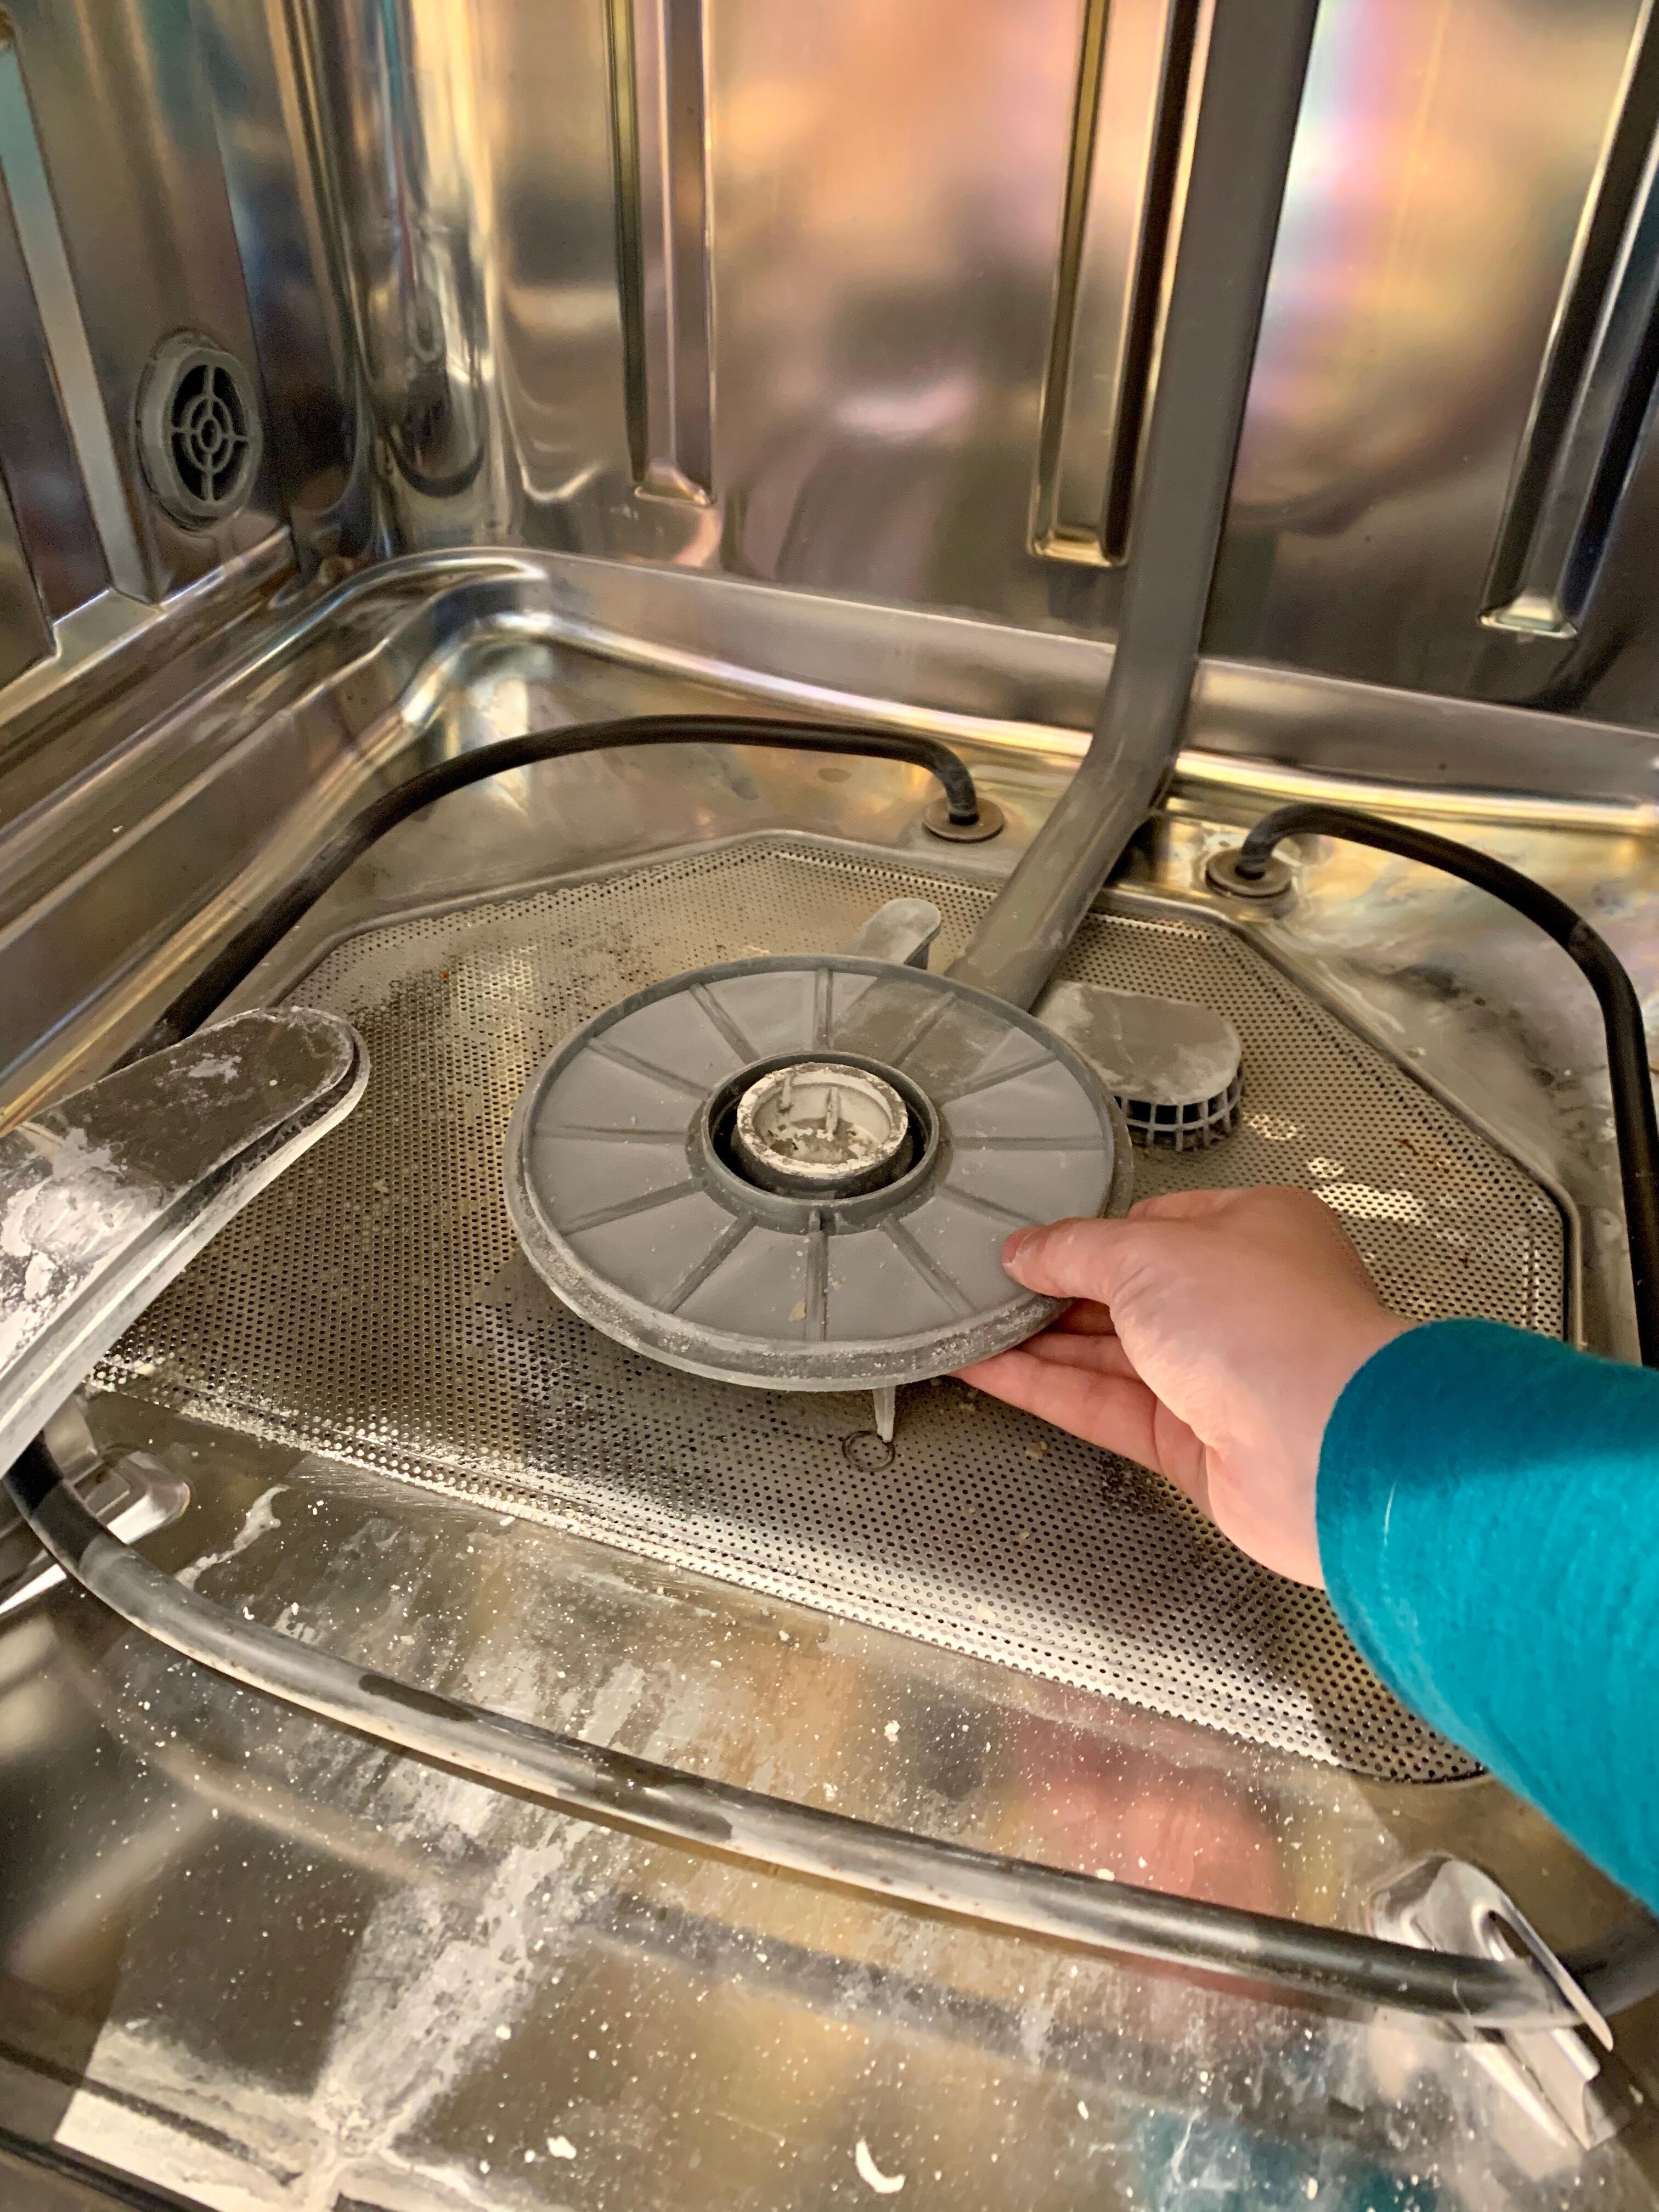 Dishwasher-clean-thin-filter.jpg